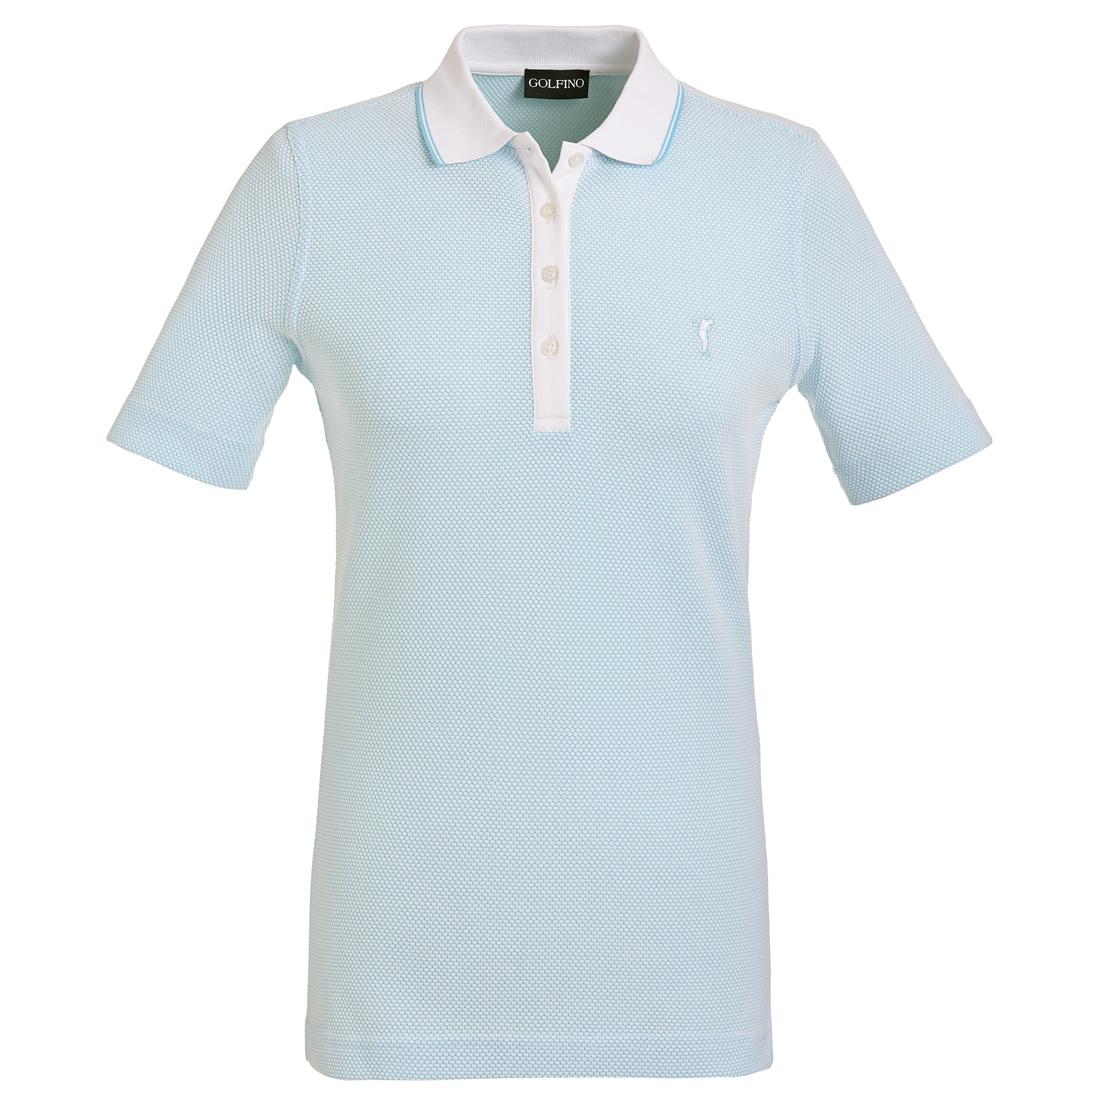 Damen Funktions-Golfpoloshirt in Regular Fit aus hochwertigem Bubble Jacquard